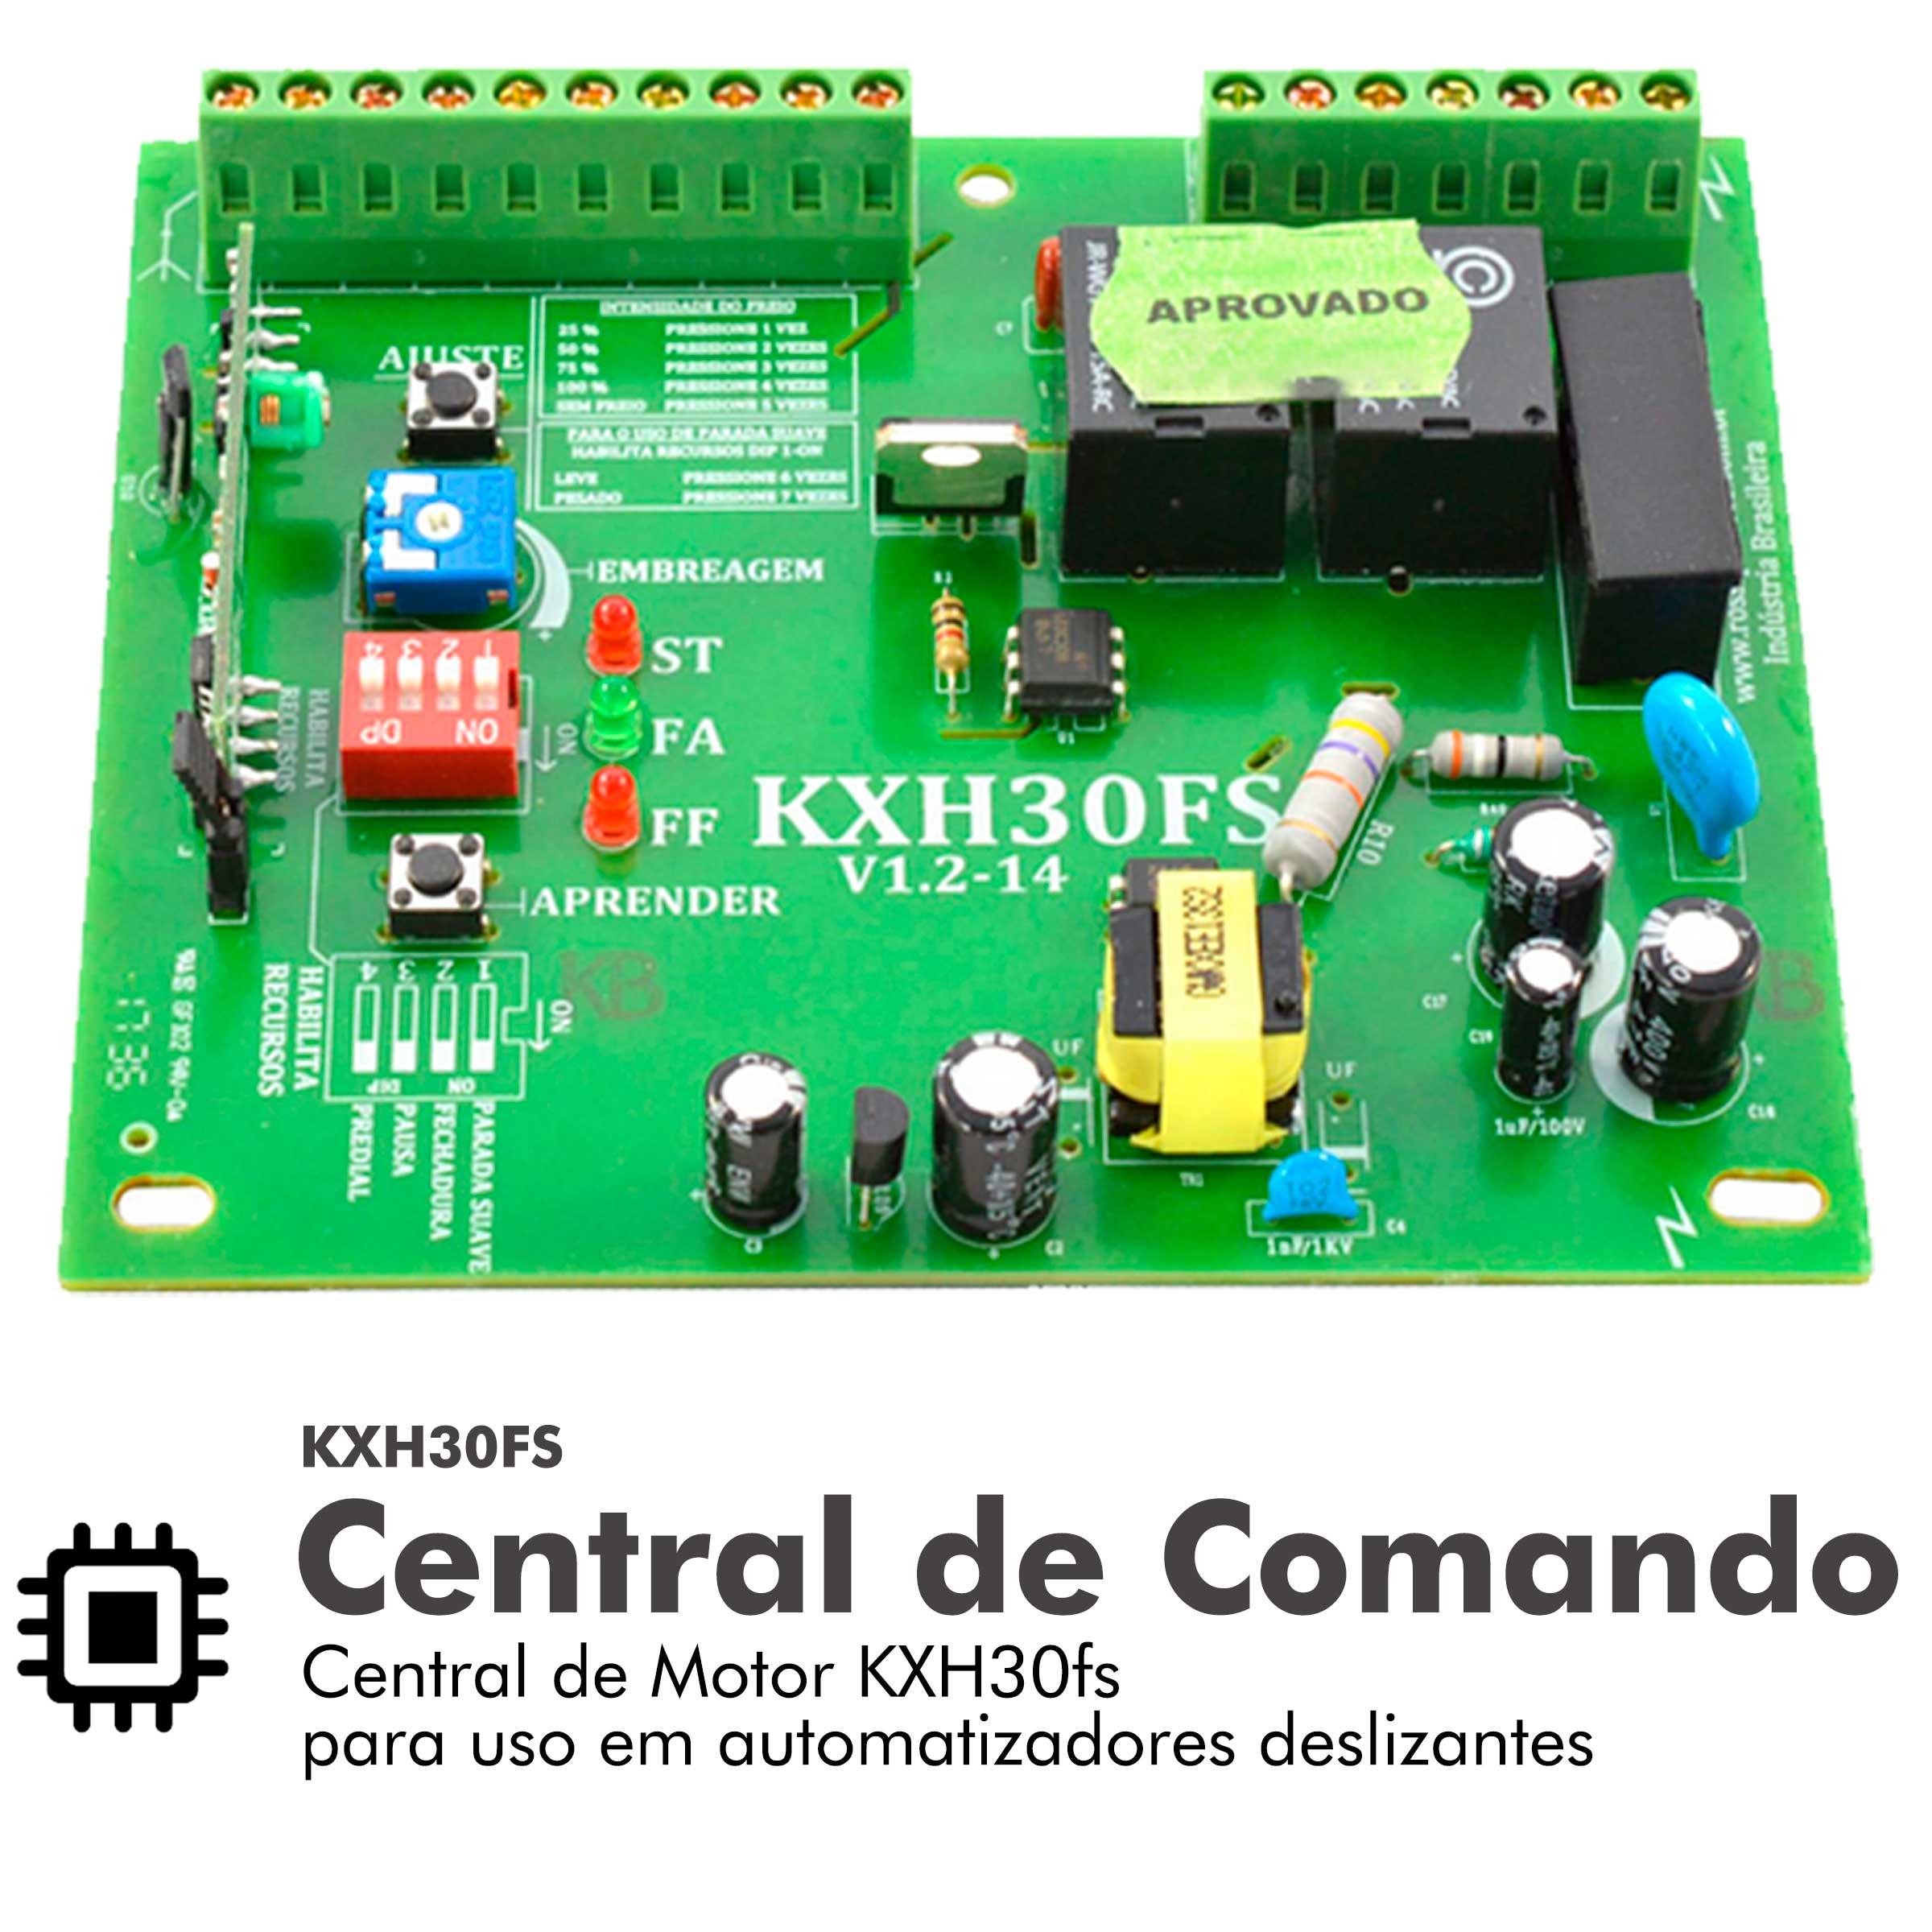 motor-portao-rossi-dz-nano-turbo-600kg-1/4-deslizante-automatico-de-correr-eletronico-com-abertura-rapida-01